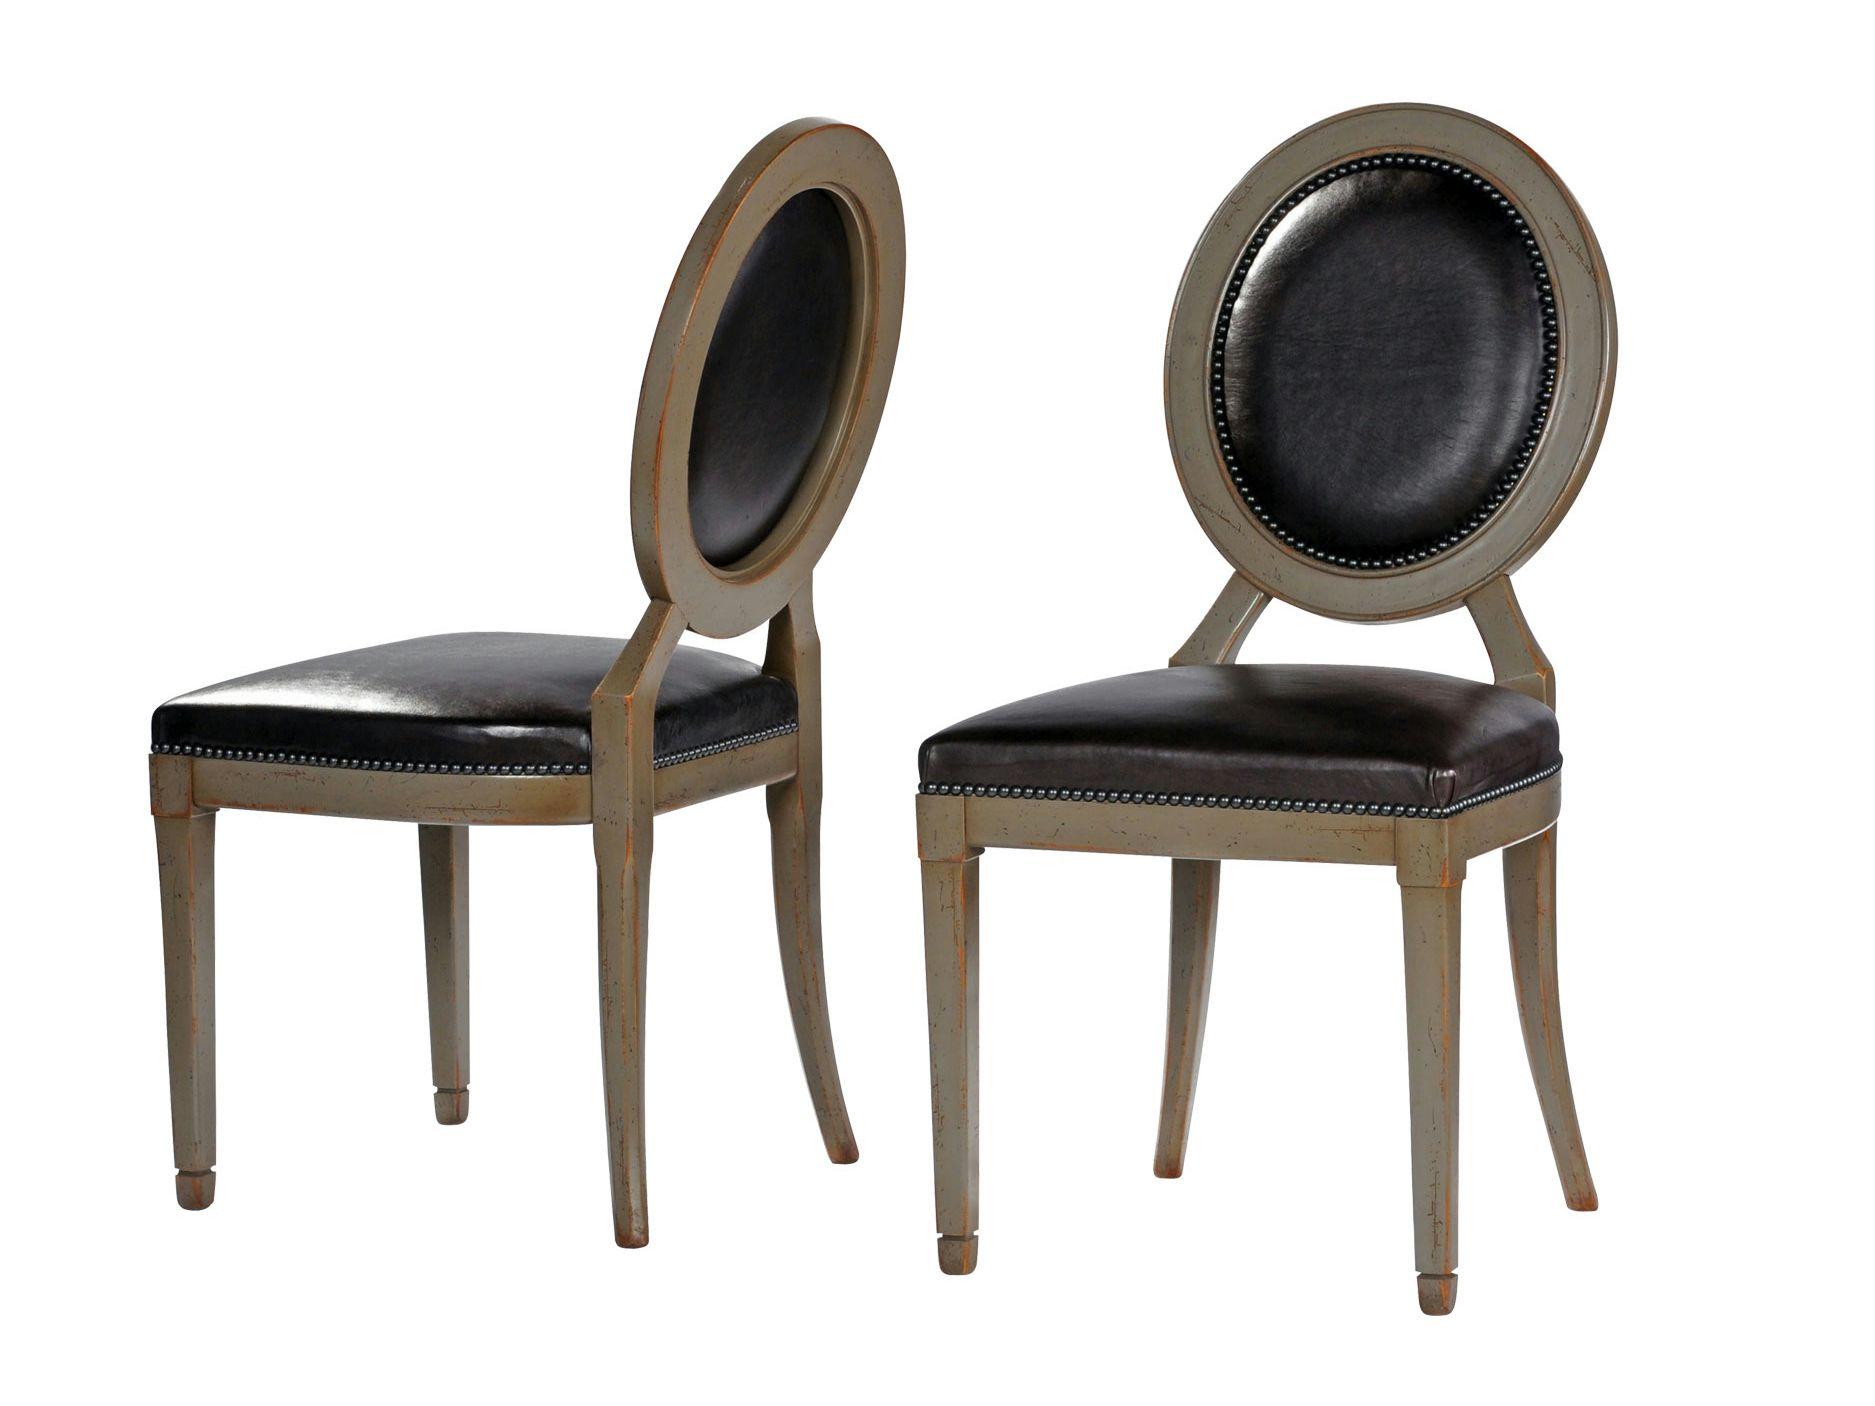 Table rabattable cuisine paris chaises ava roche bobois for Prix des chaises